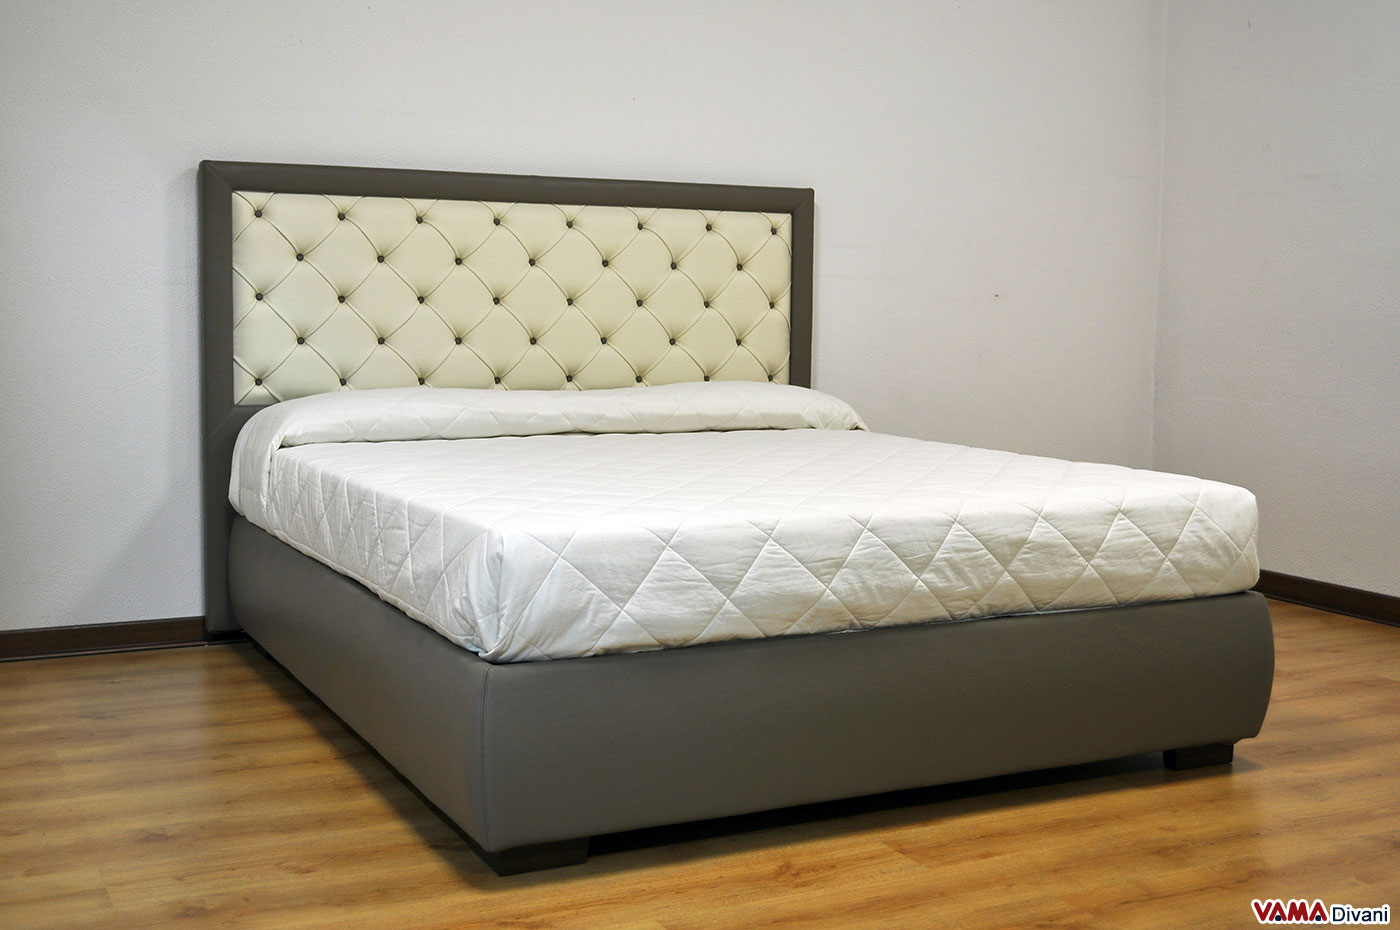 Letto imbottito moderno in vera pelle con testata in capitonn - Dove comprare un letto matrimoniale ...